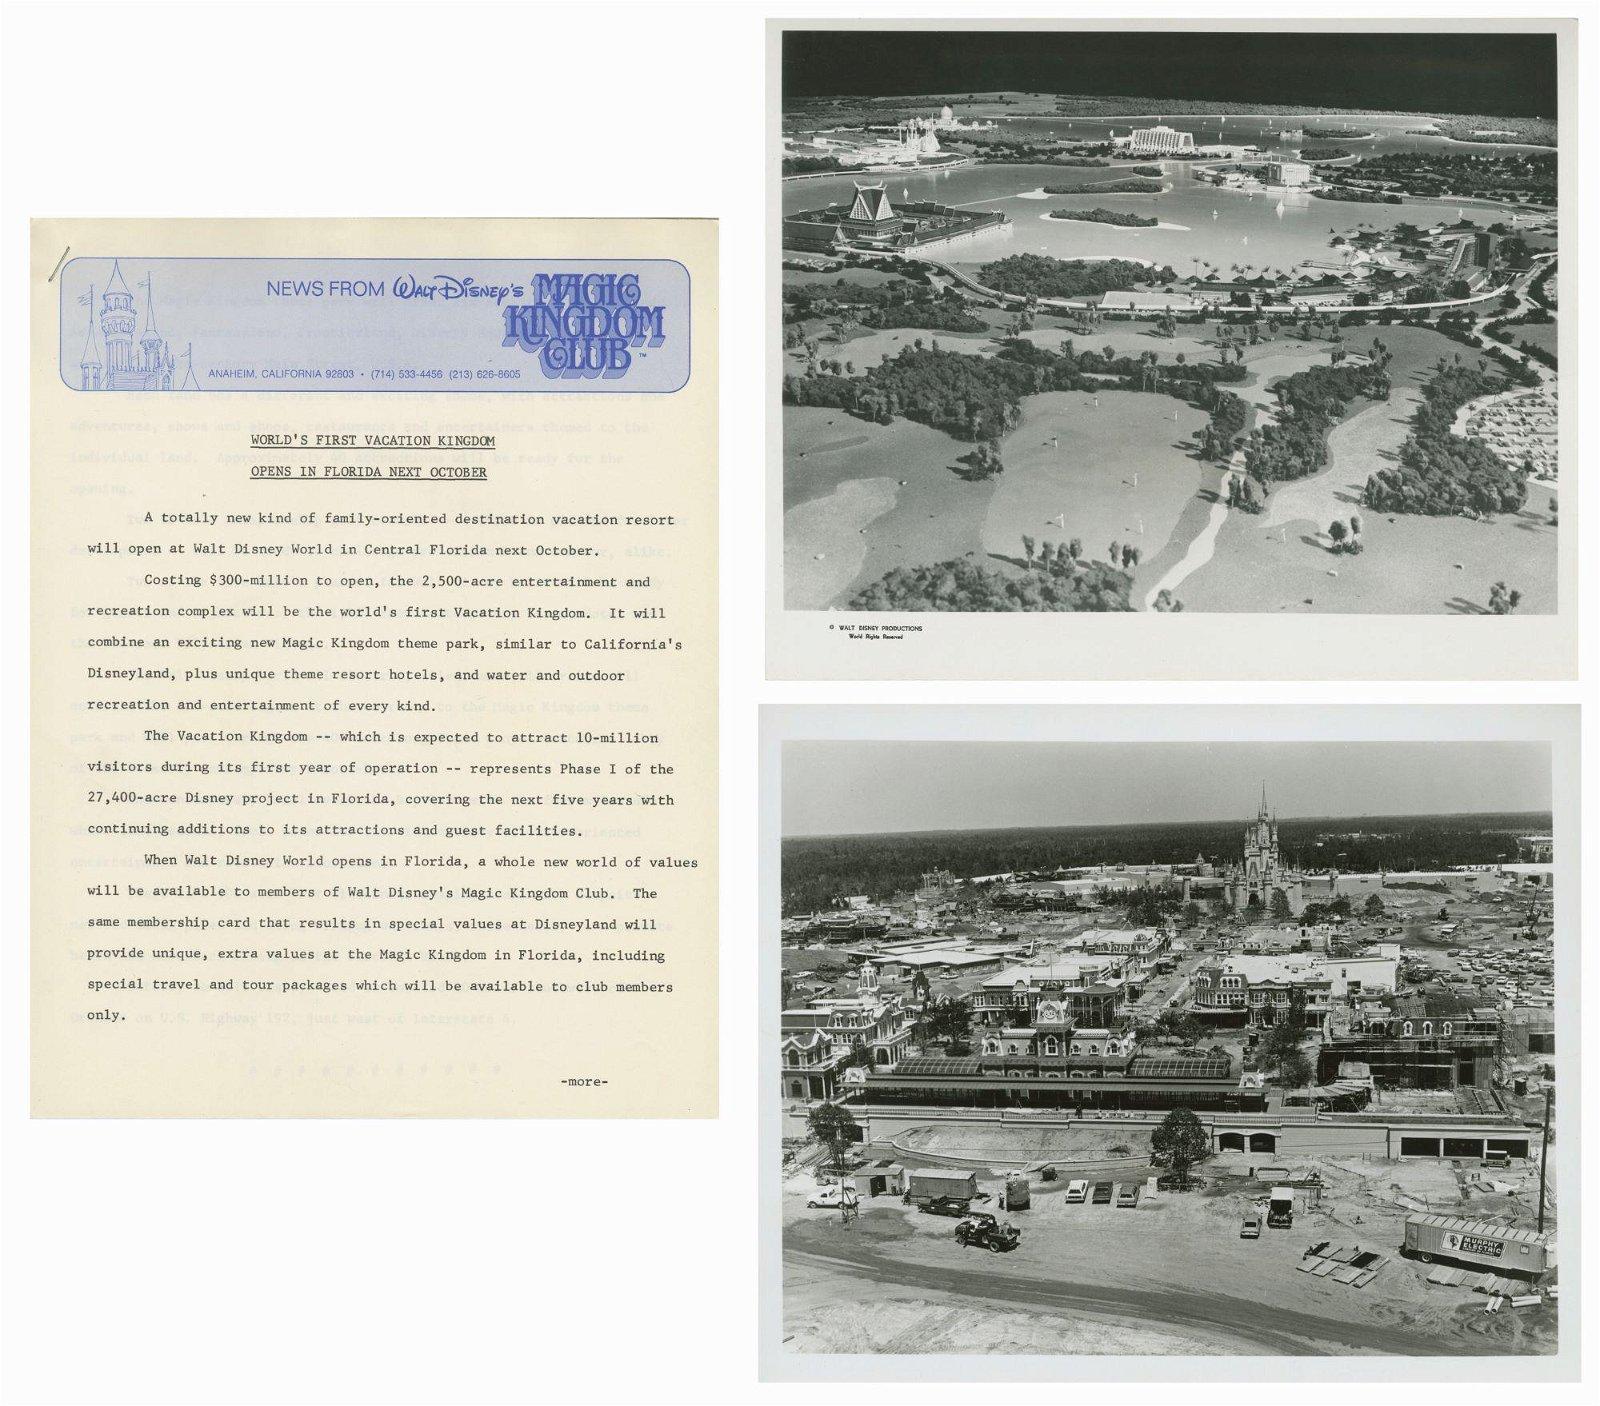 Walt Disney World Pre-Opening Press Release.